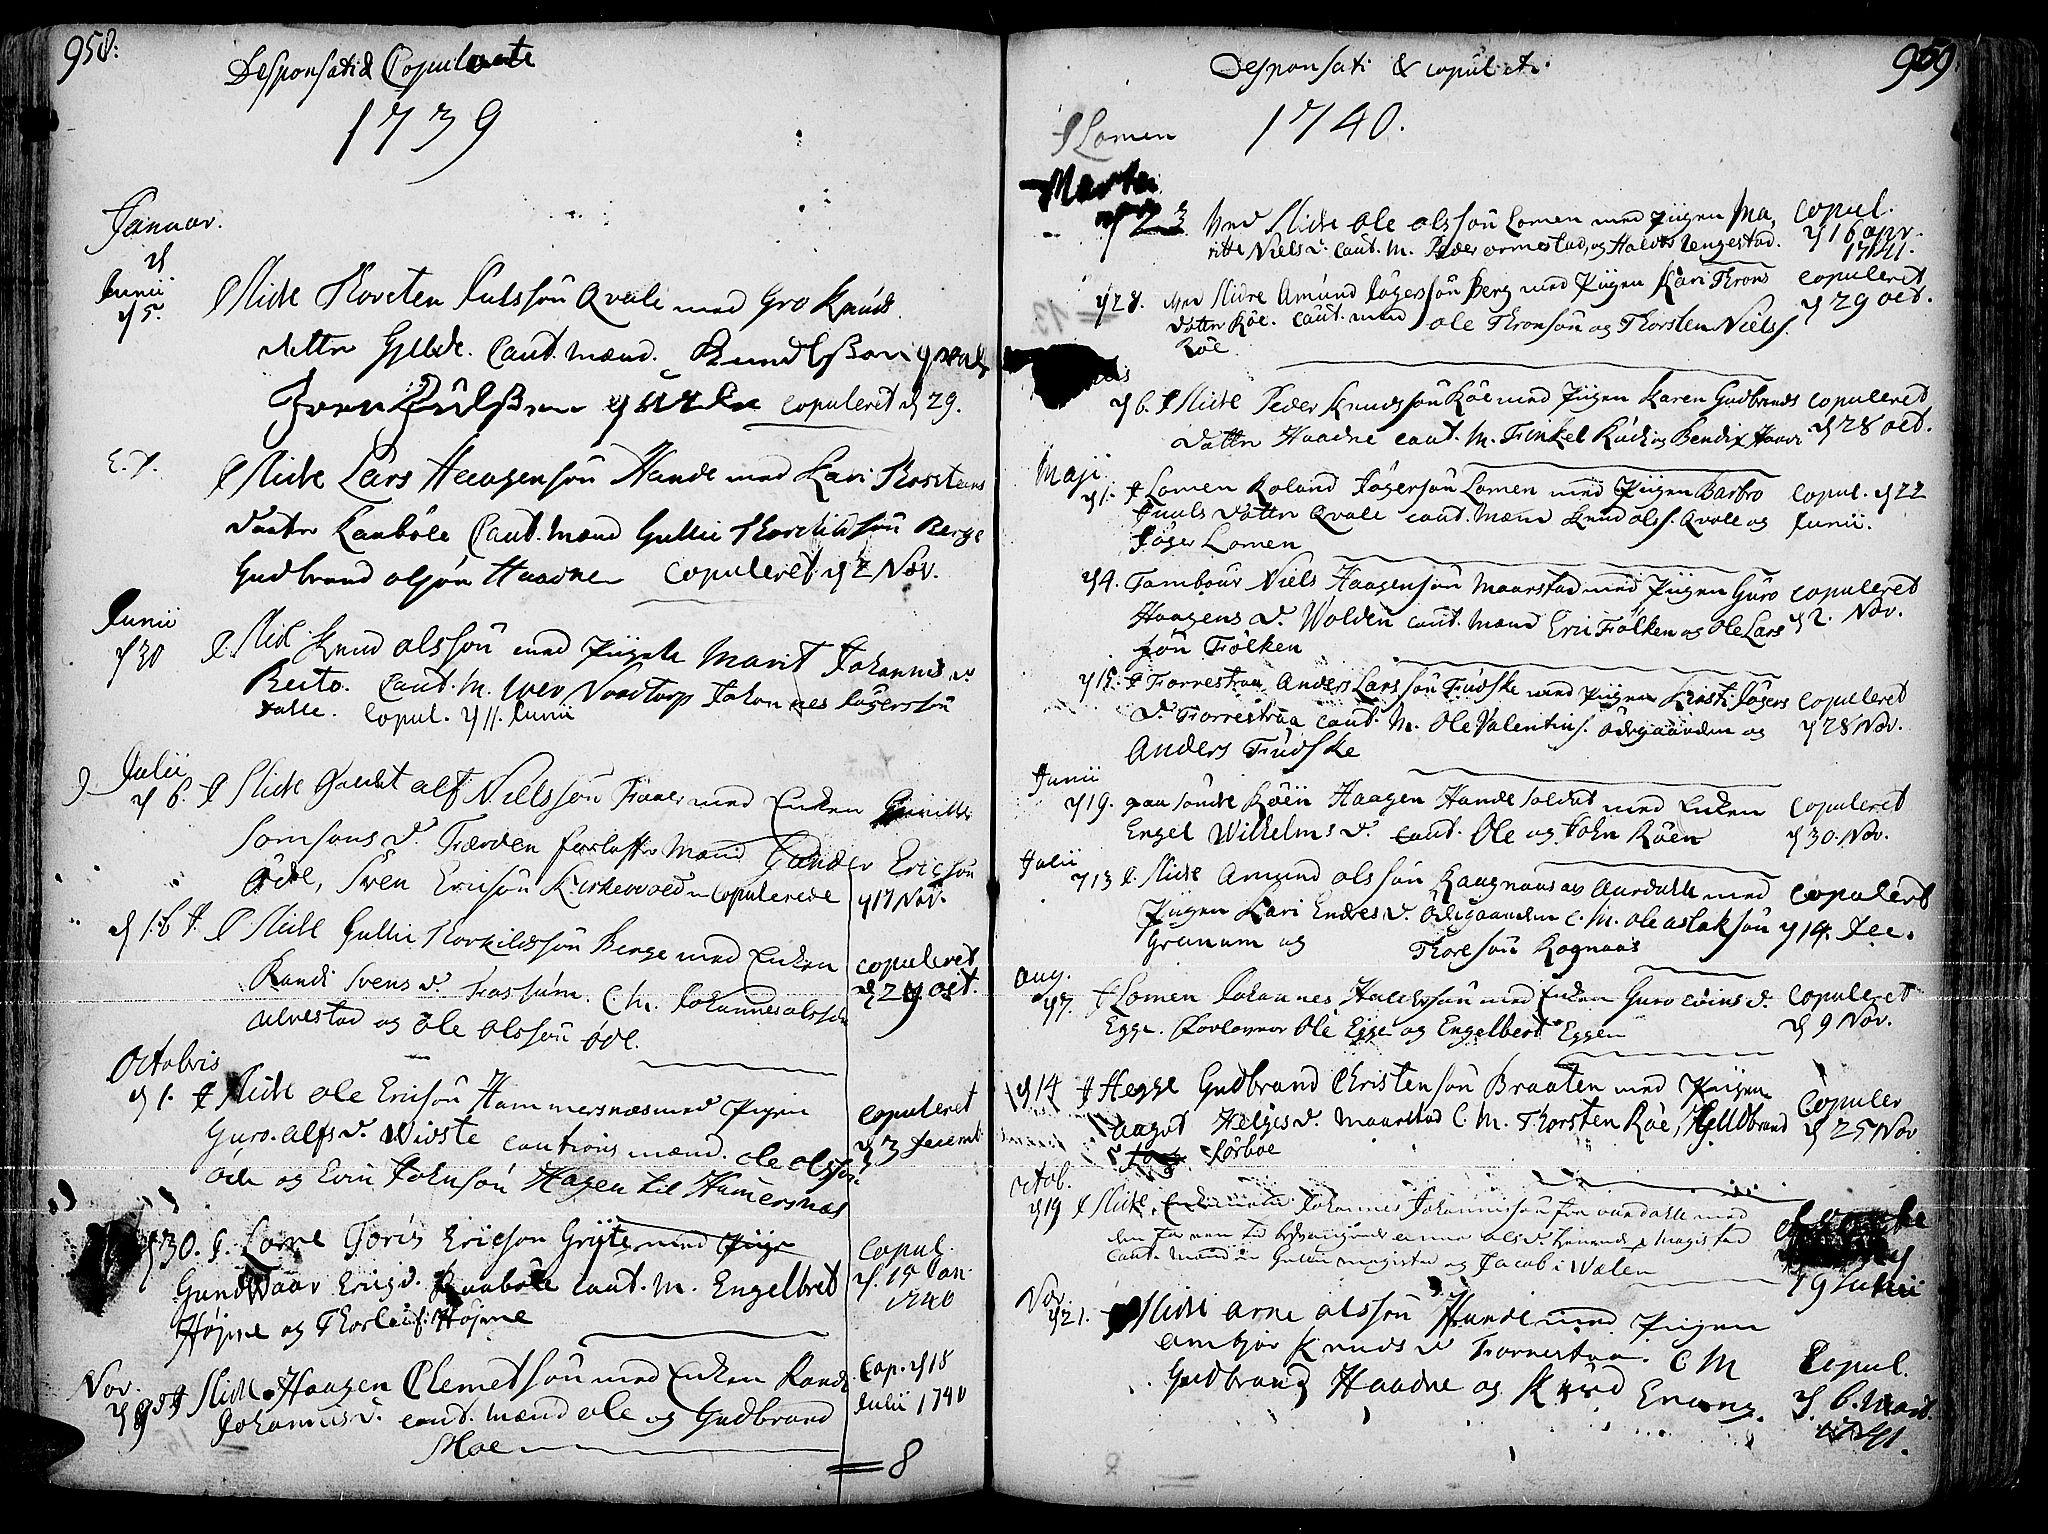 SAH, Slidre prestekontor, Ministerialbok nr. 1, 1724-1814, s. 958-959